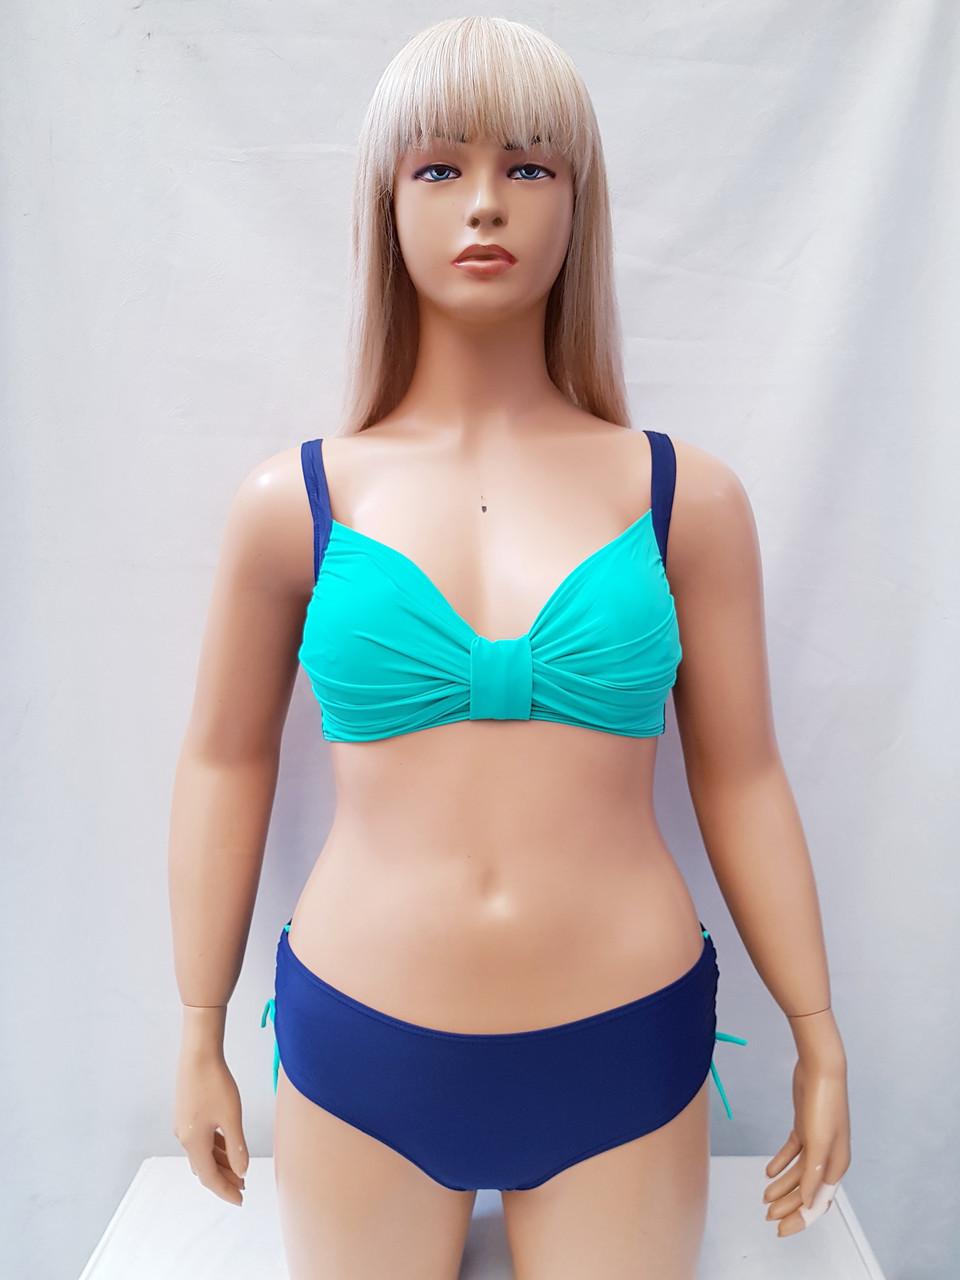 Купальник Polovi 2019 год Ванда 38350 мята синие плавки  (есть 48 50 52 54 56 58 размеры)   58